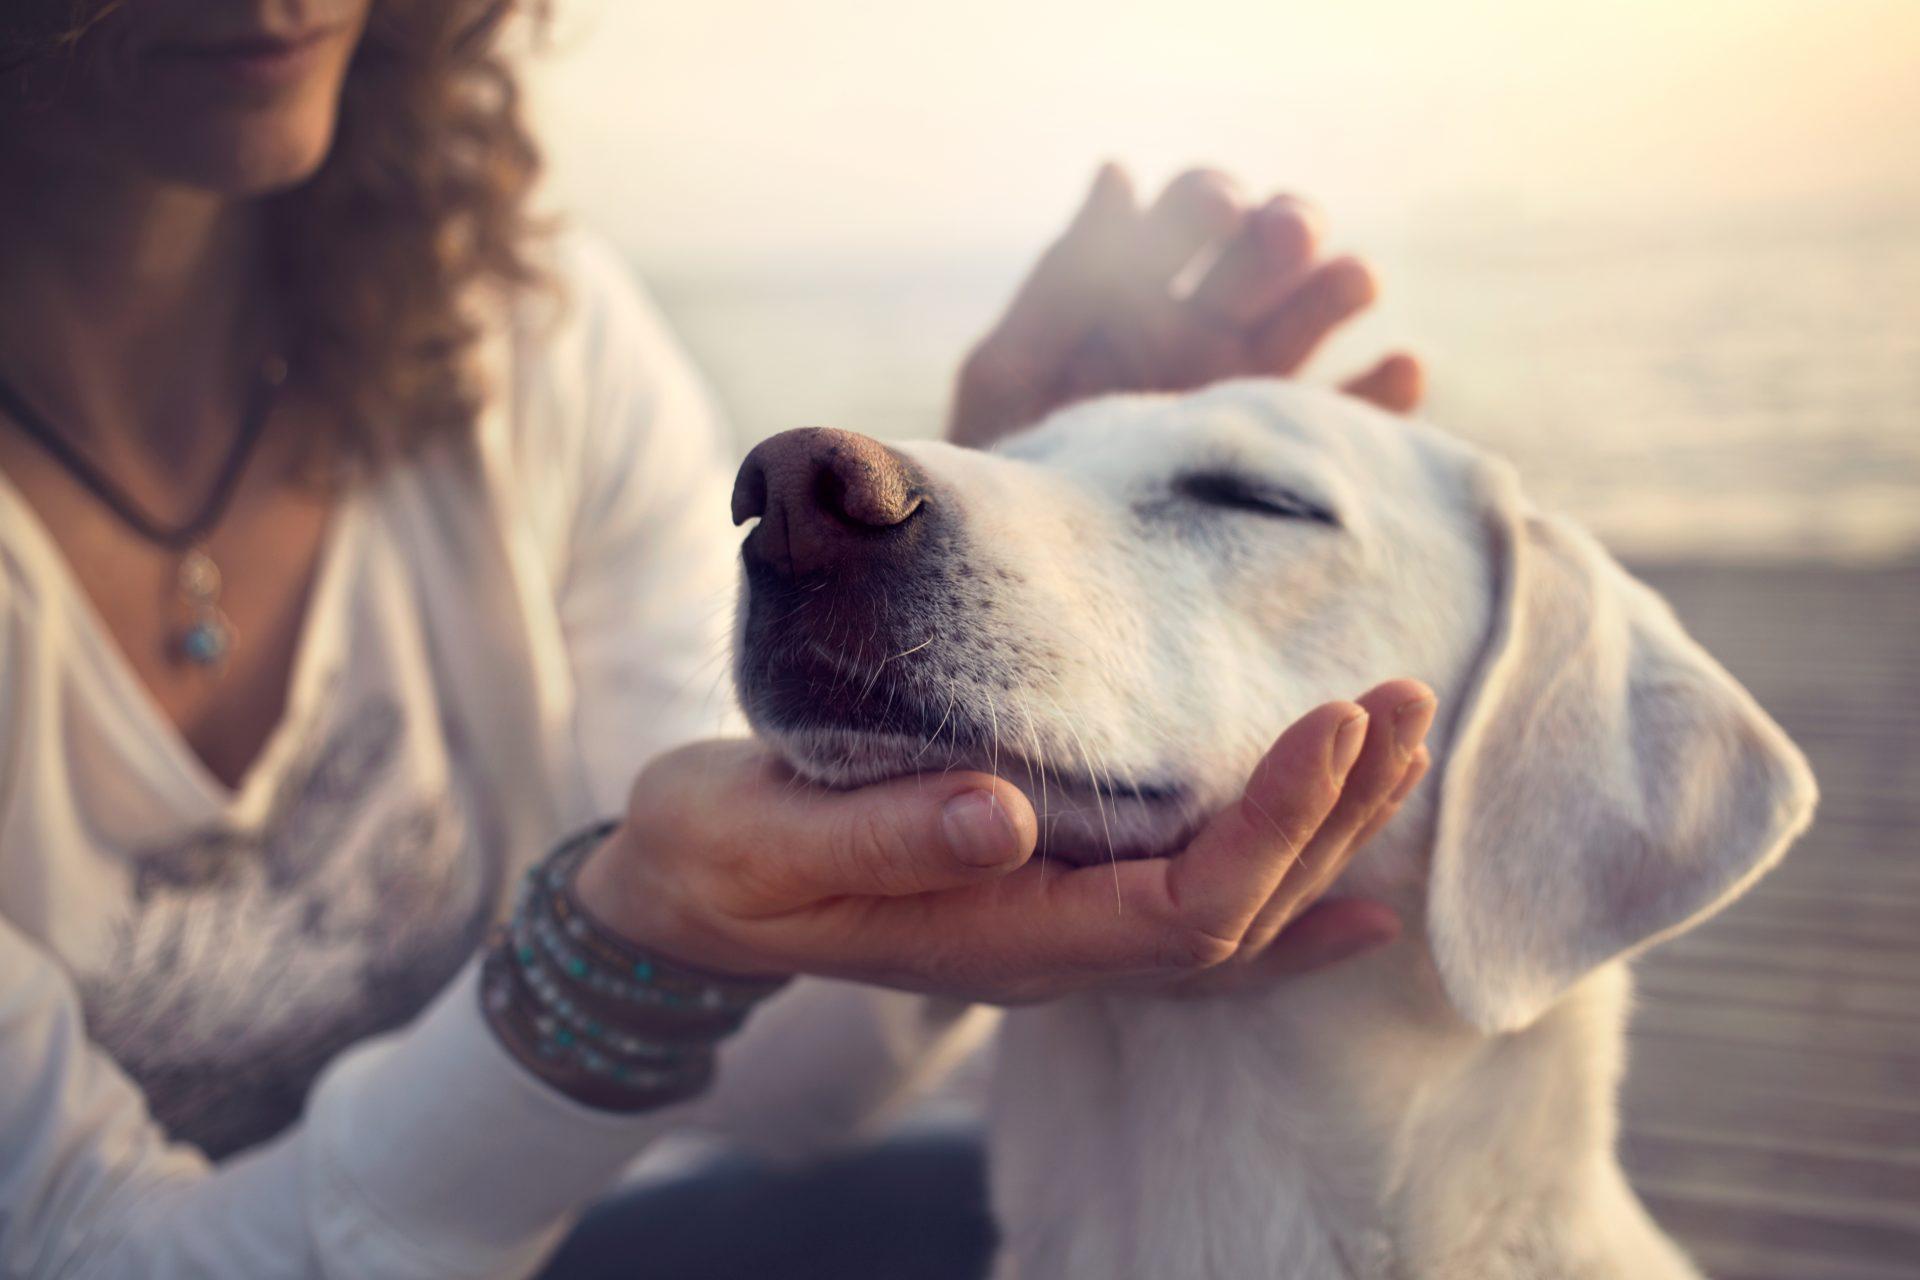 מאלפי כלבים בדרום. תמונה ממאגר Shutterstock